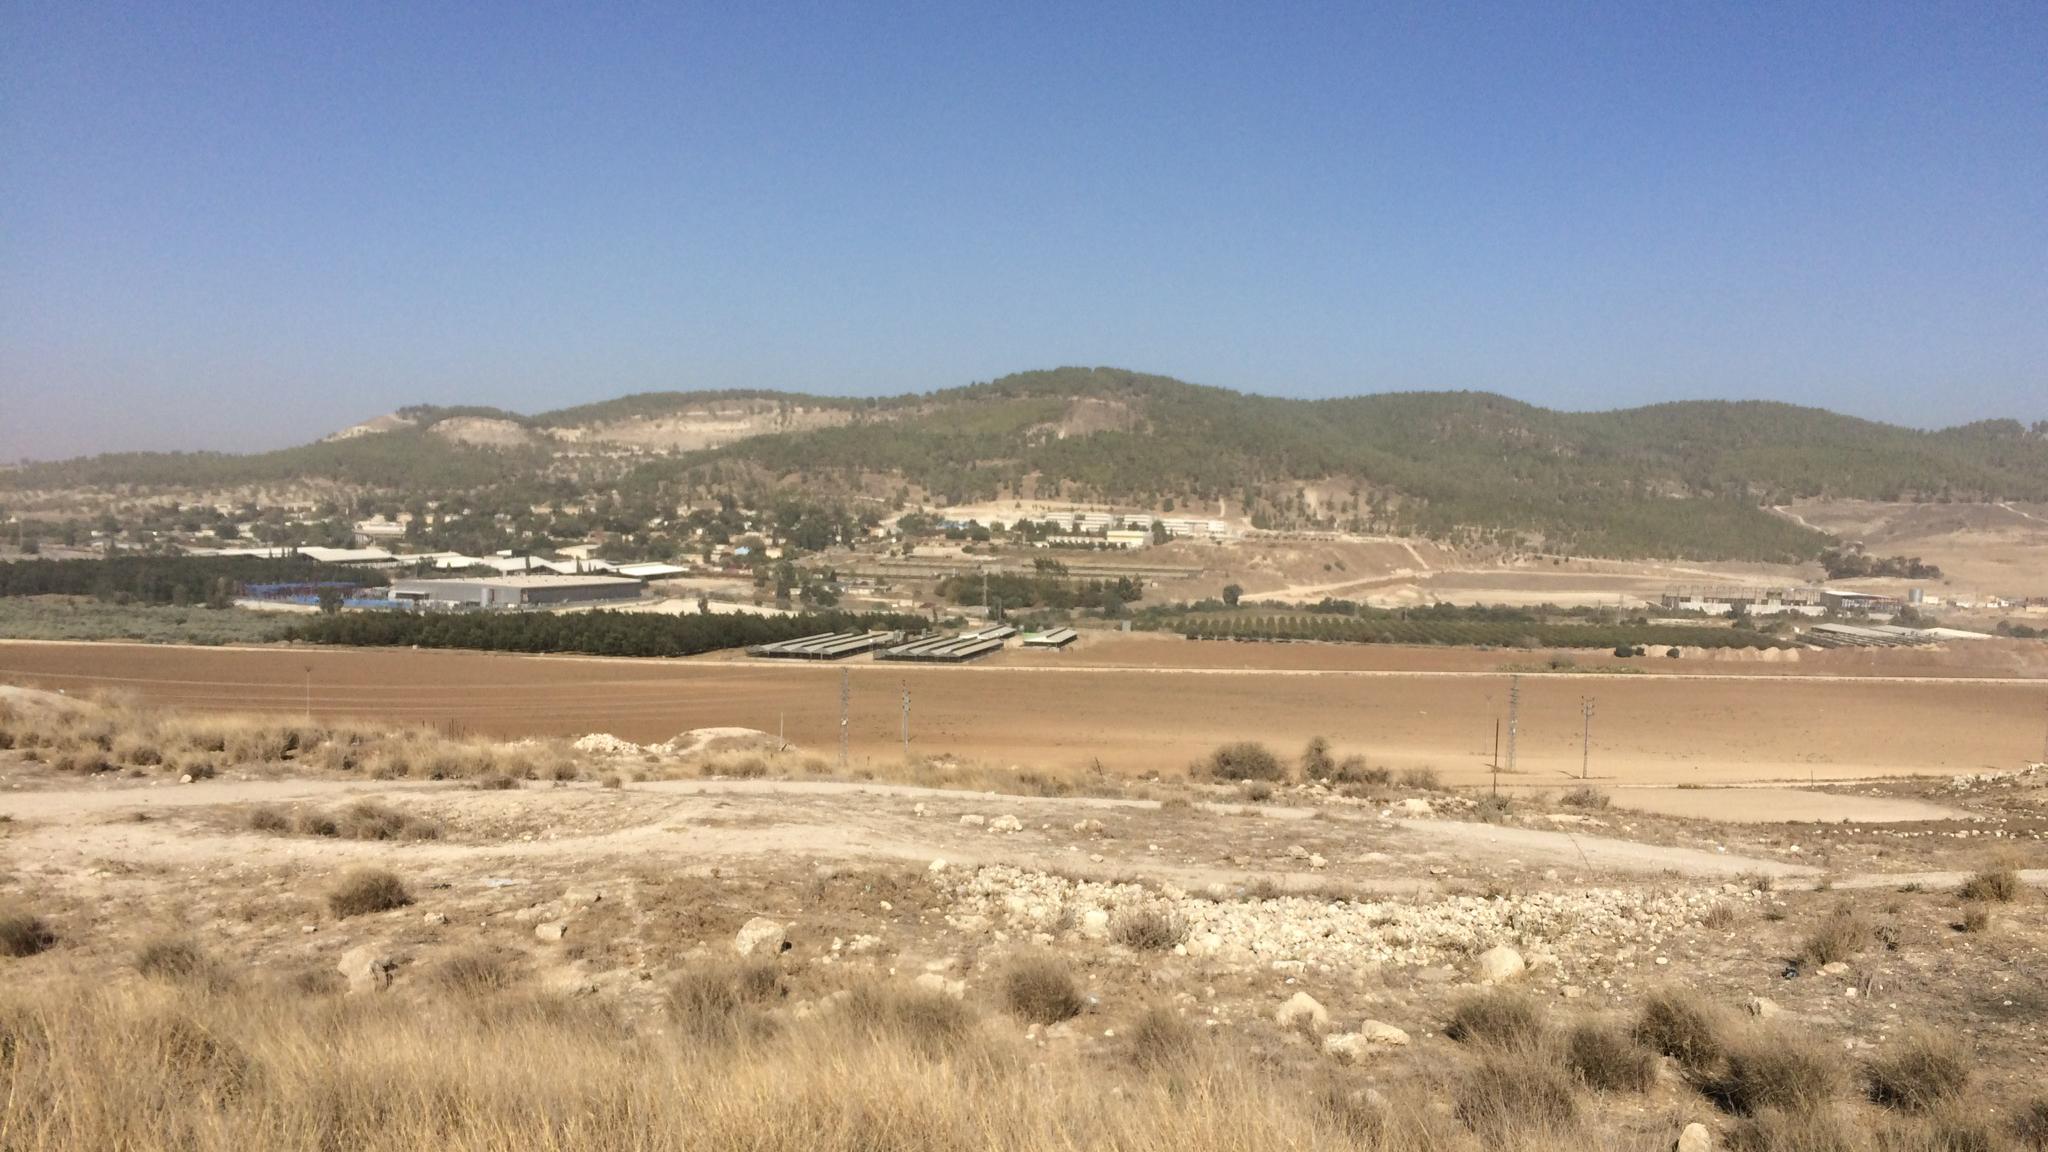 Bible history, ancient history, Israel history, military history, Israel archaeology, Israel ancient ruins